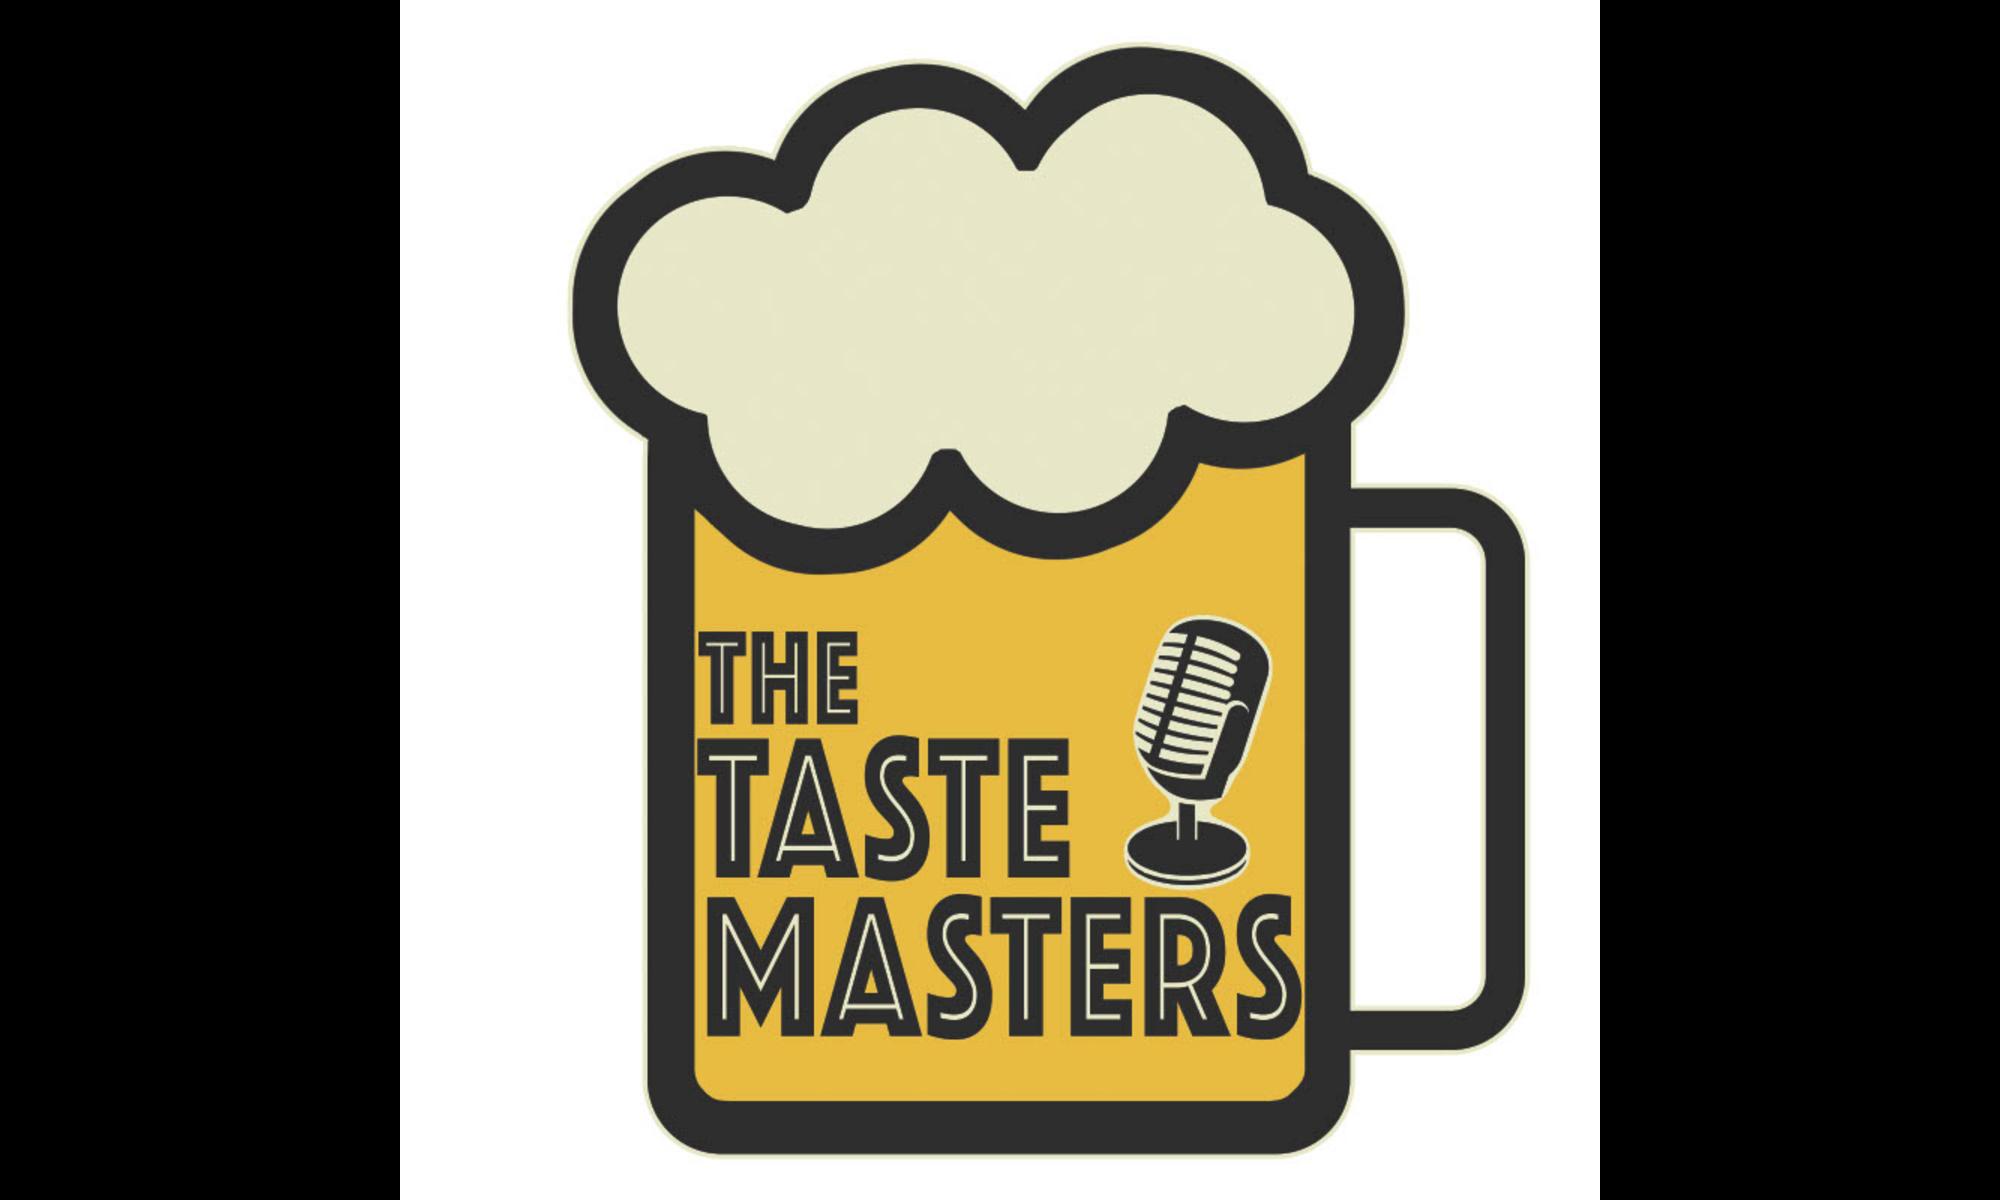 Tastemasters